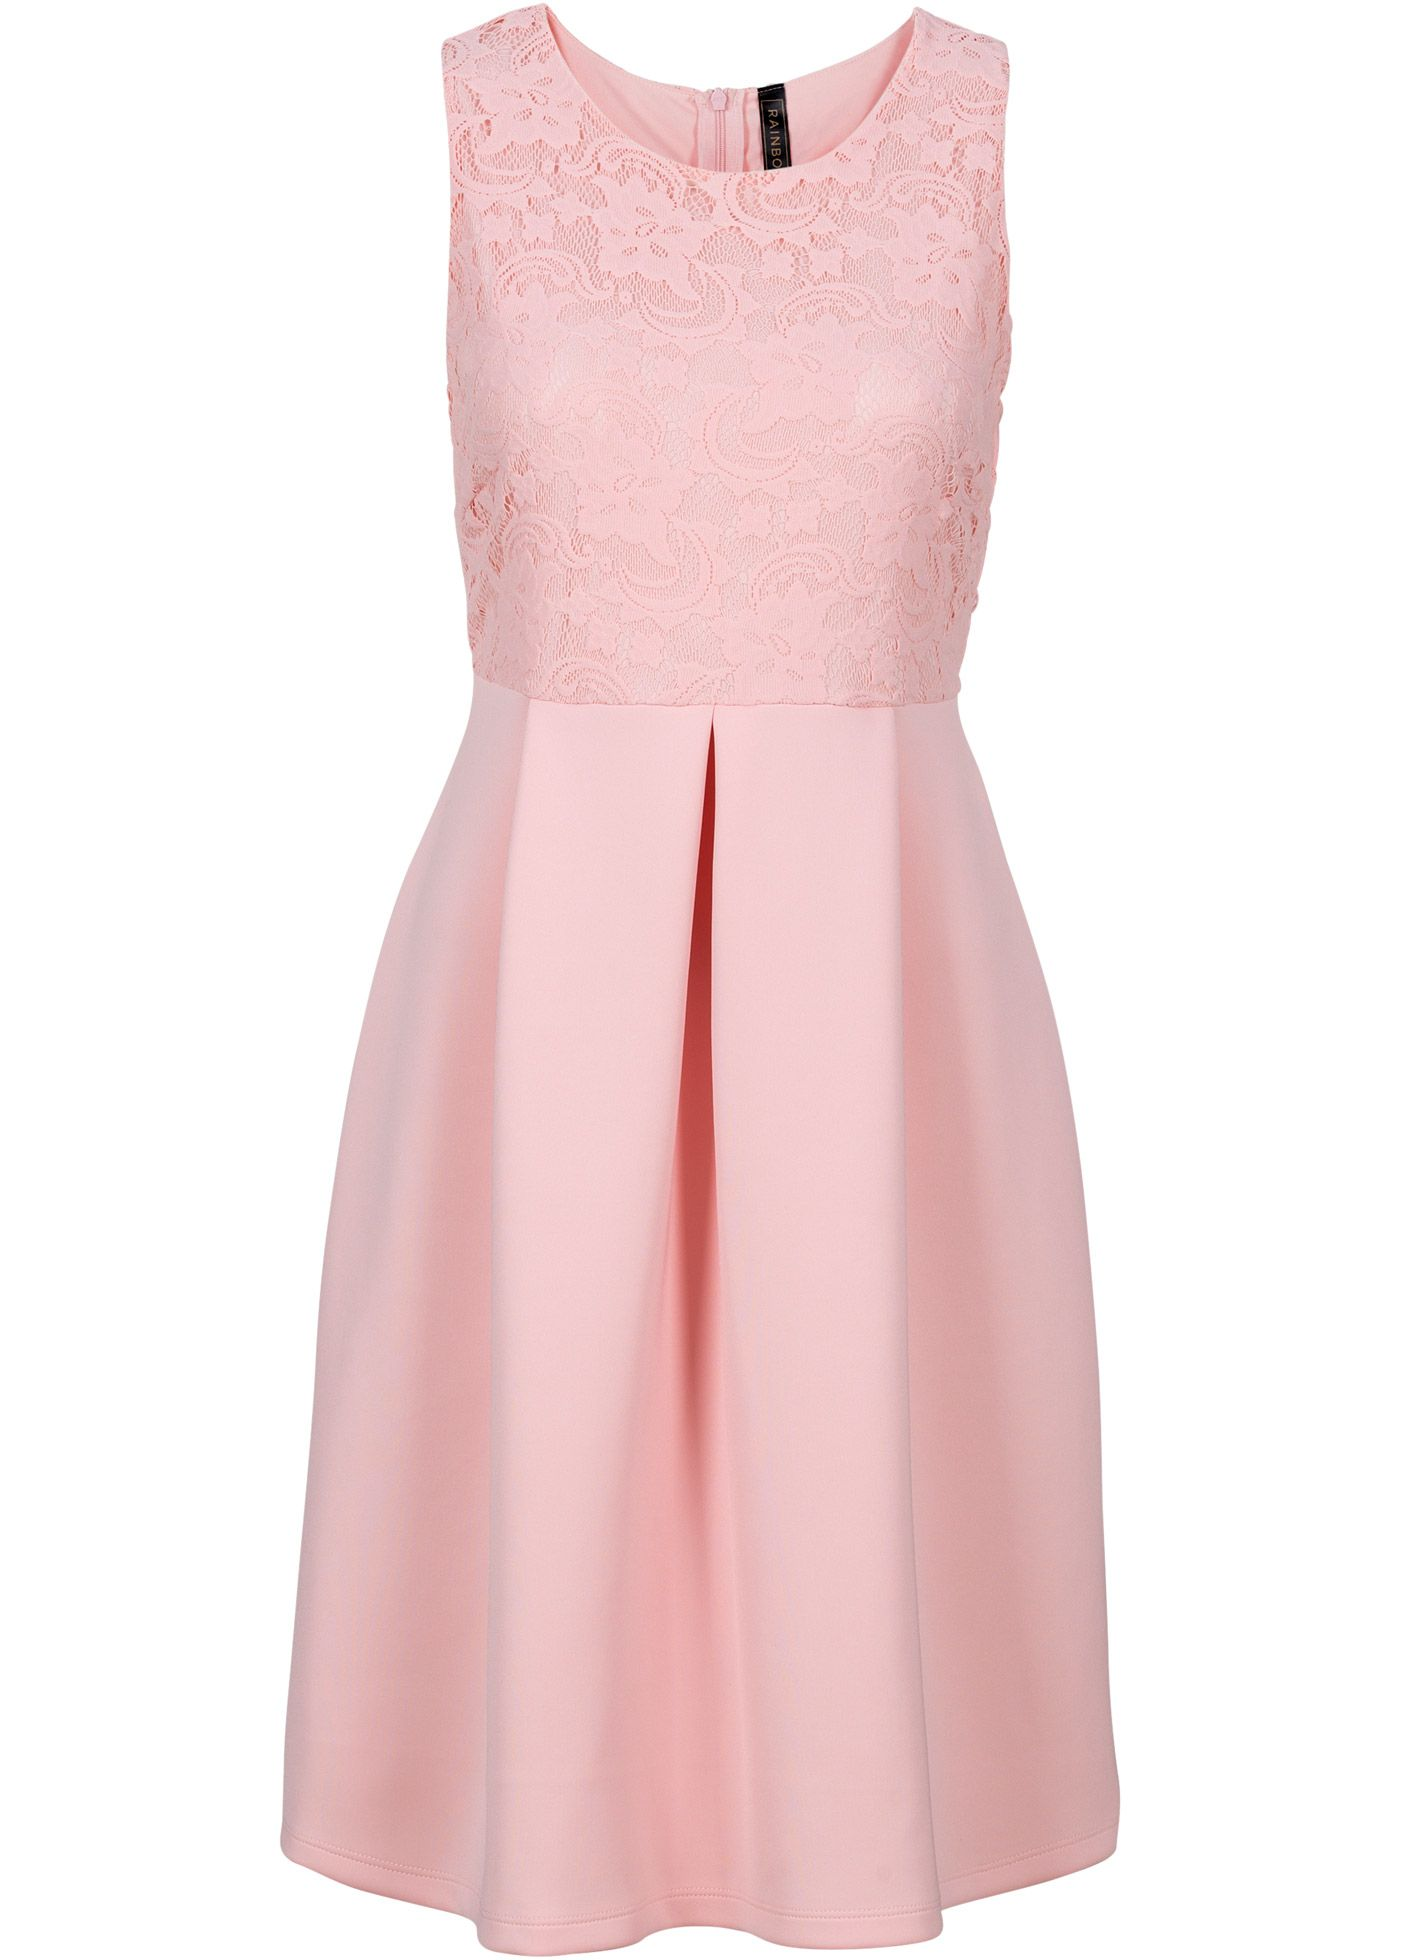 Rosa Kleid in Scubaoptik von Bonprix auf LadenZeile.de ➜ Jetzt